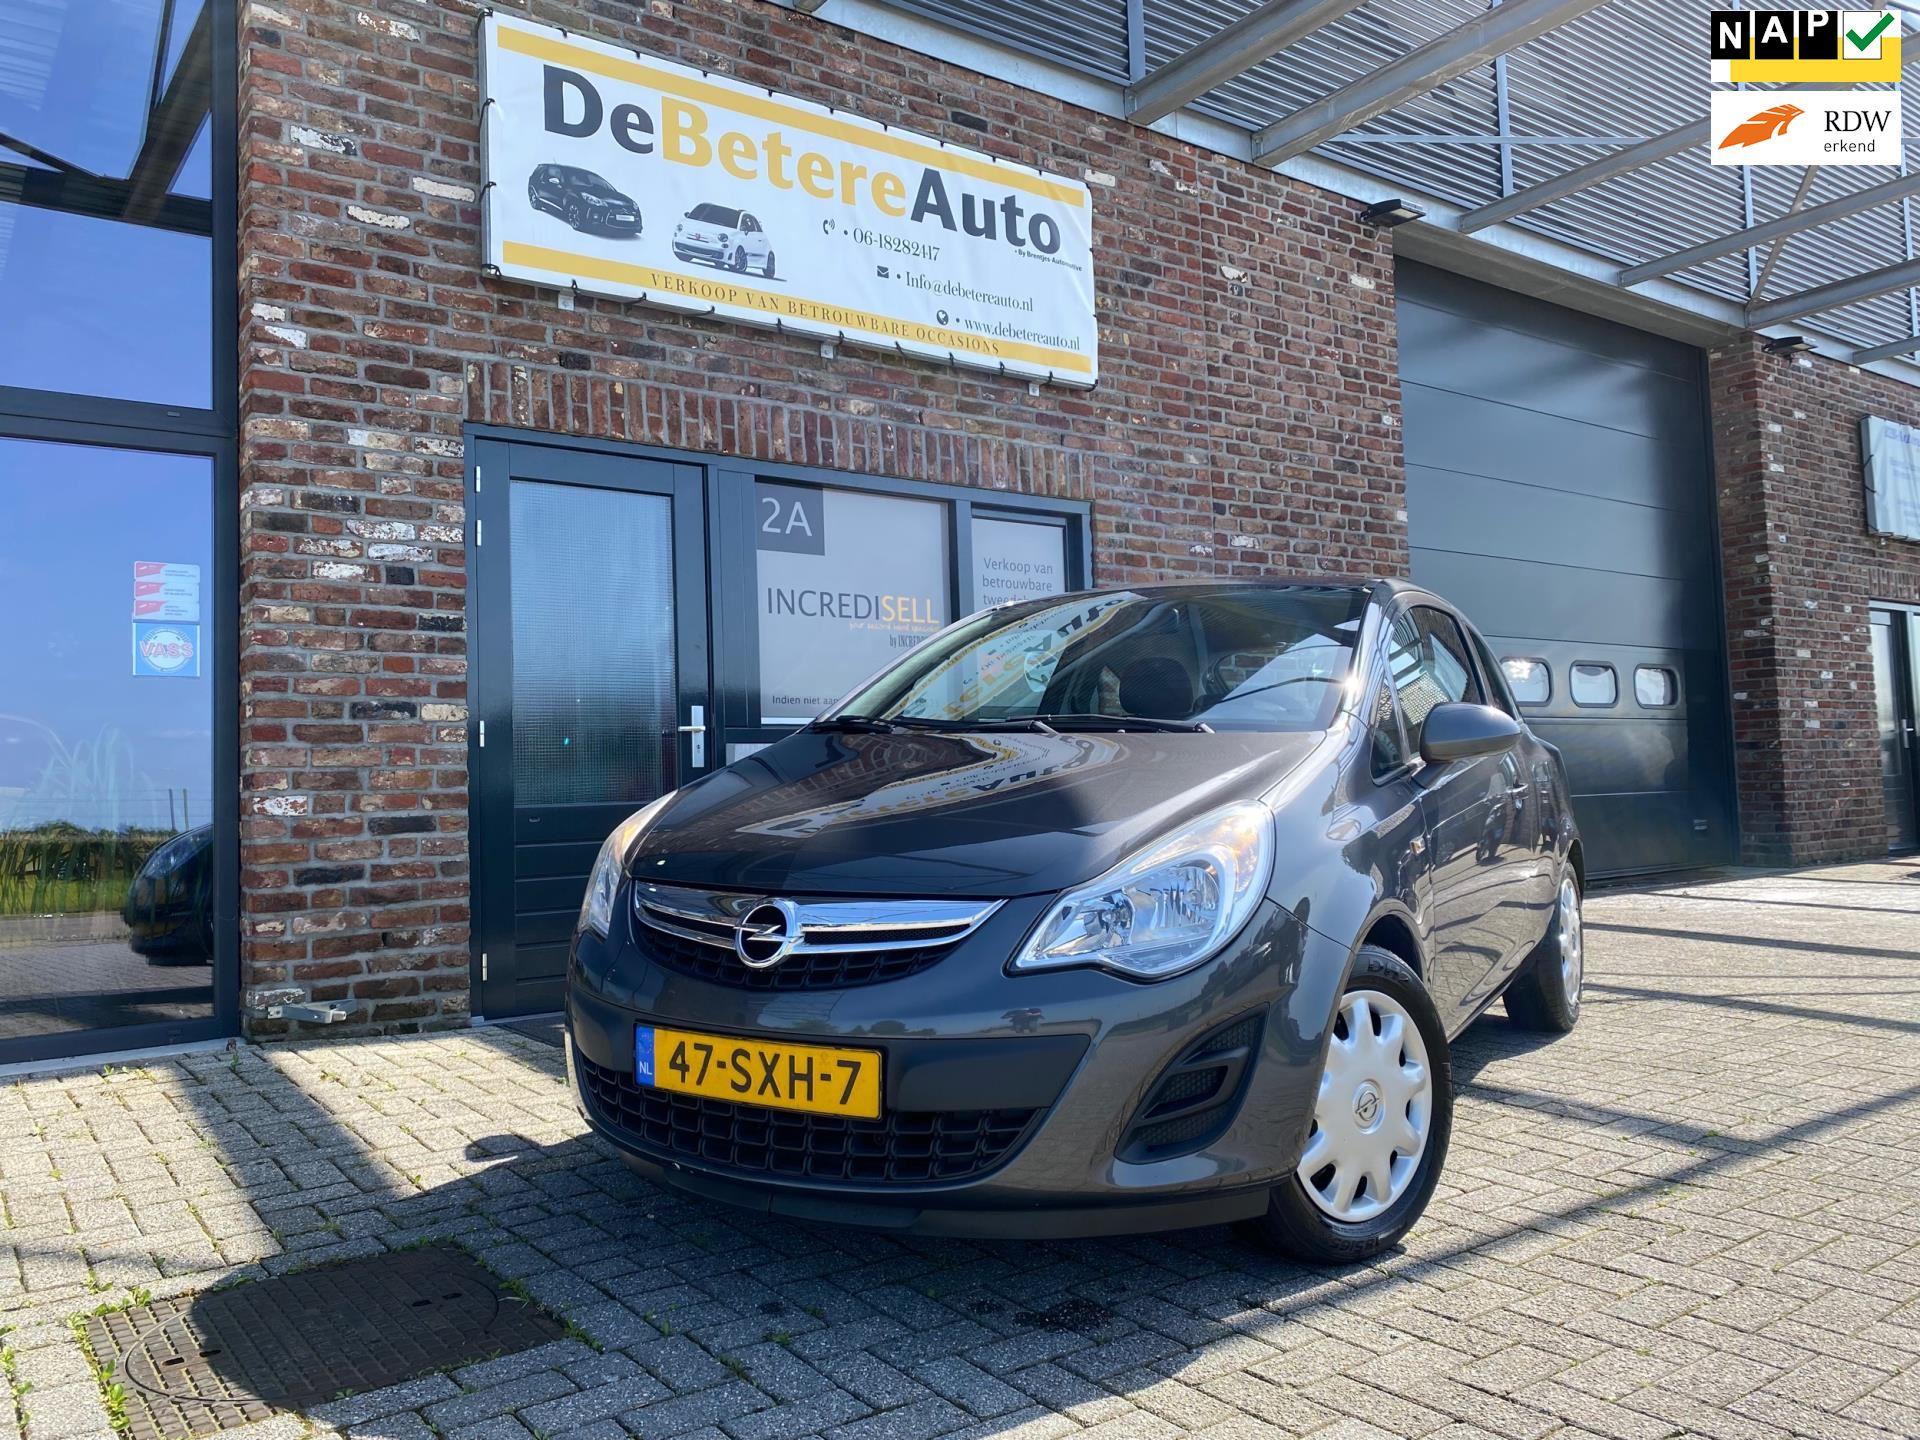 Opel Corsa occasion - DeBetereAuto